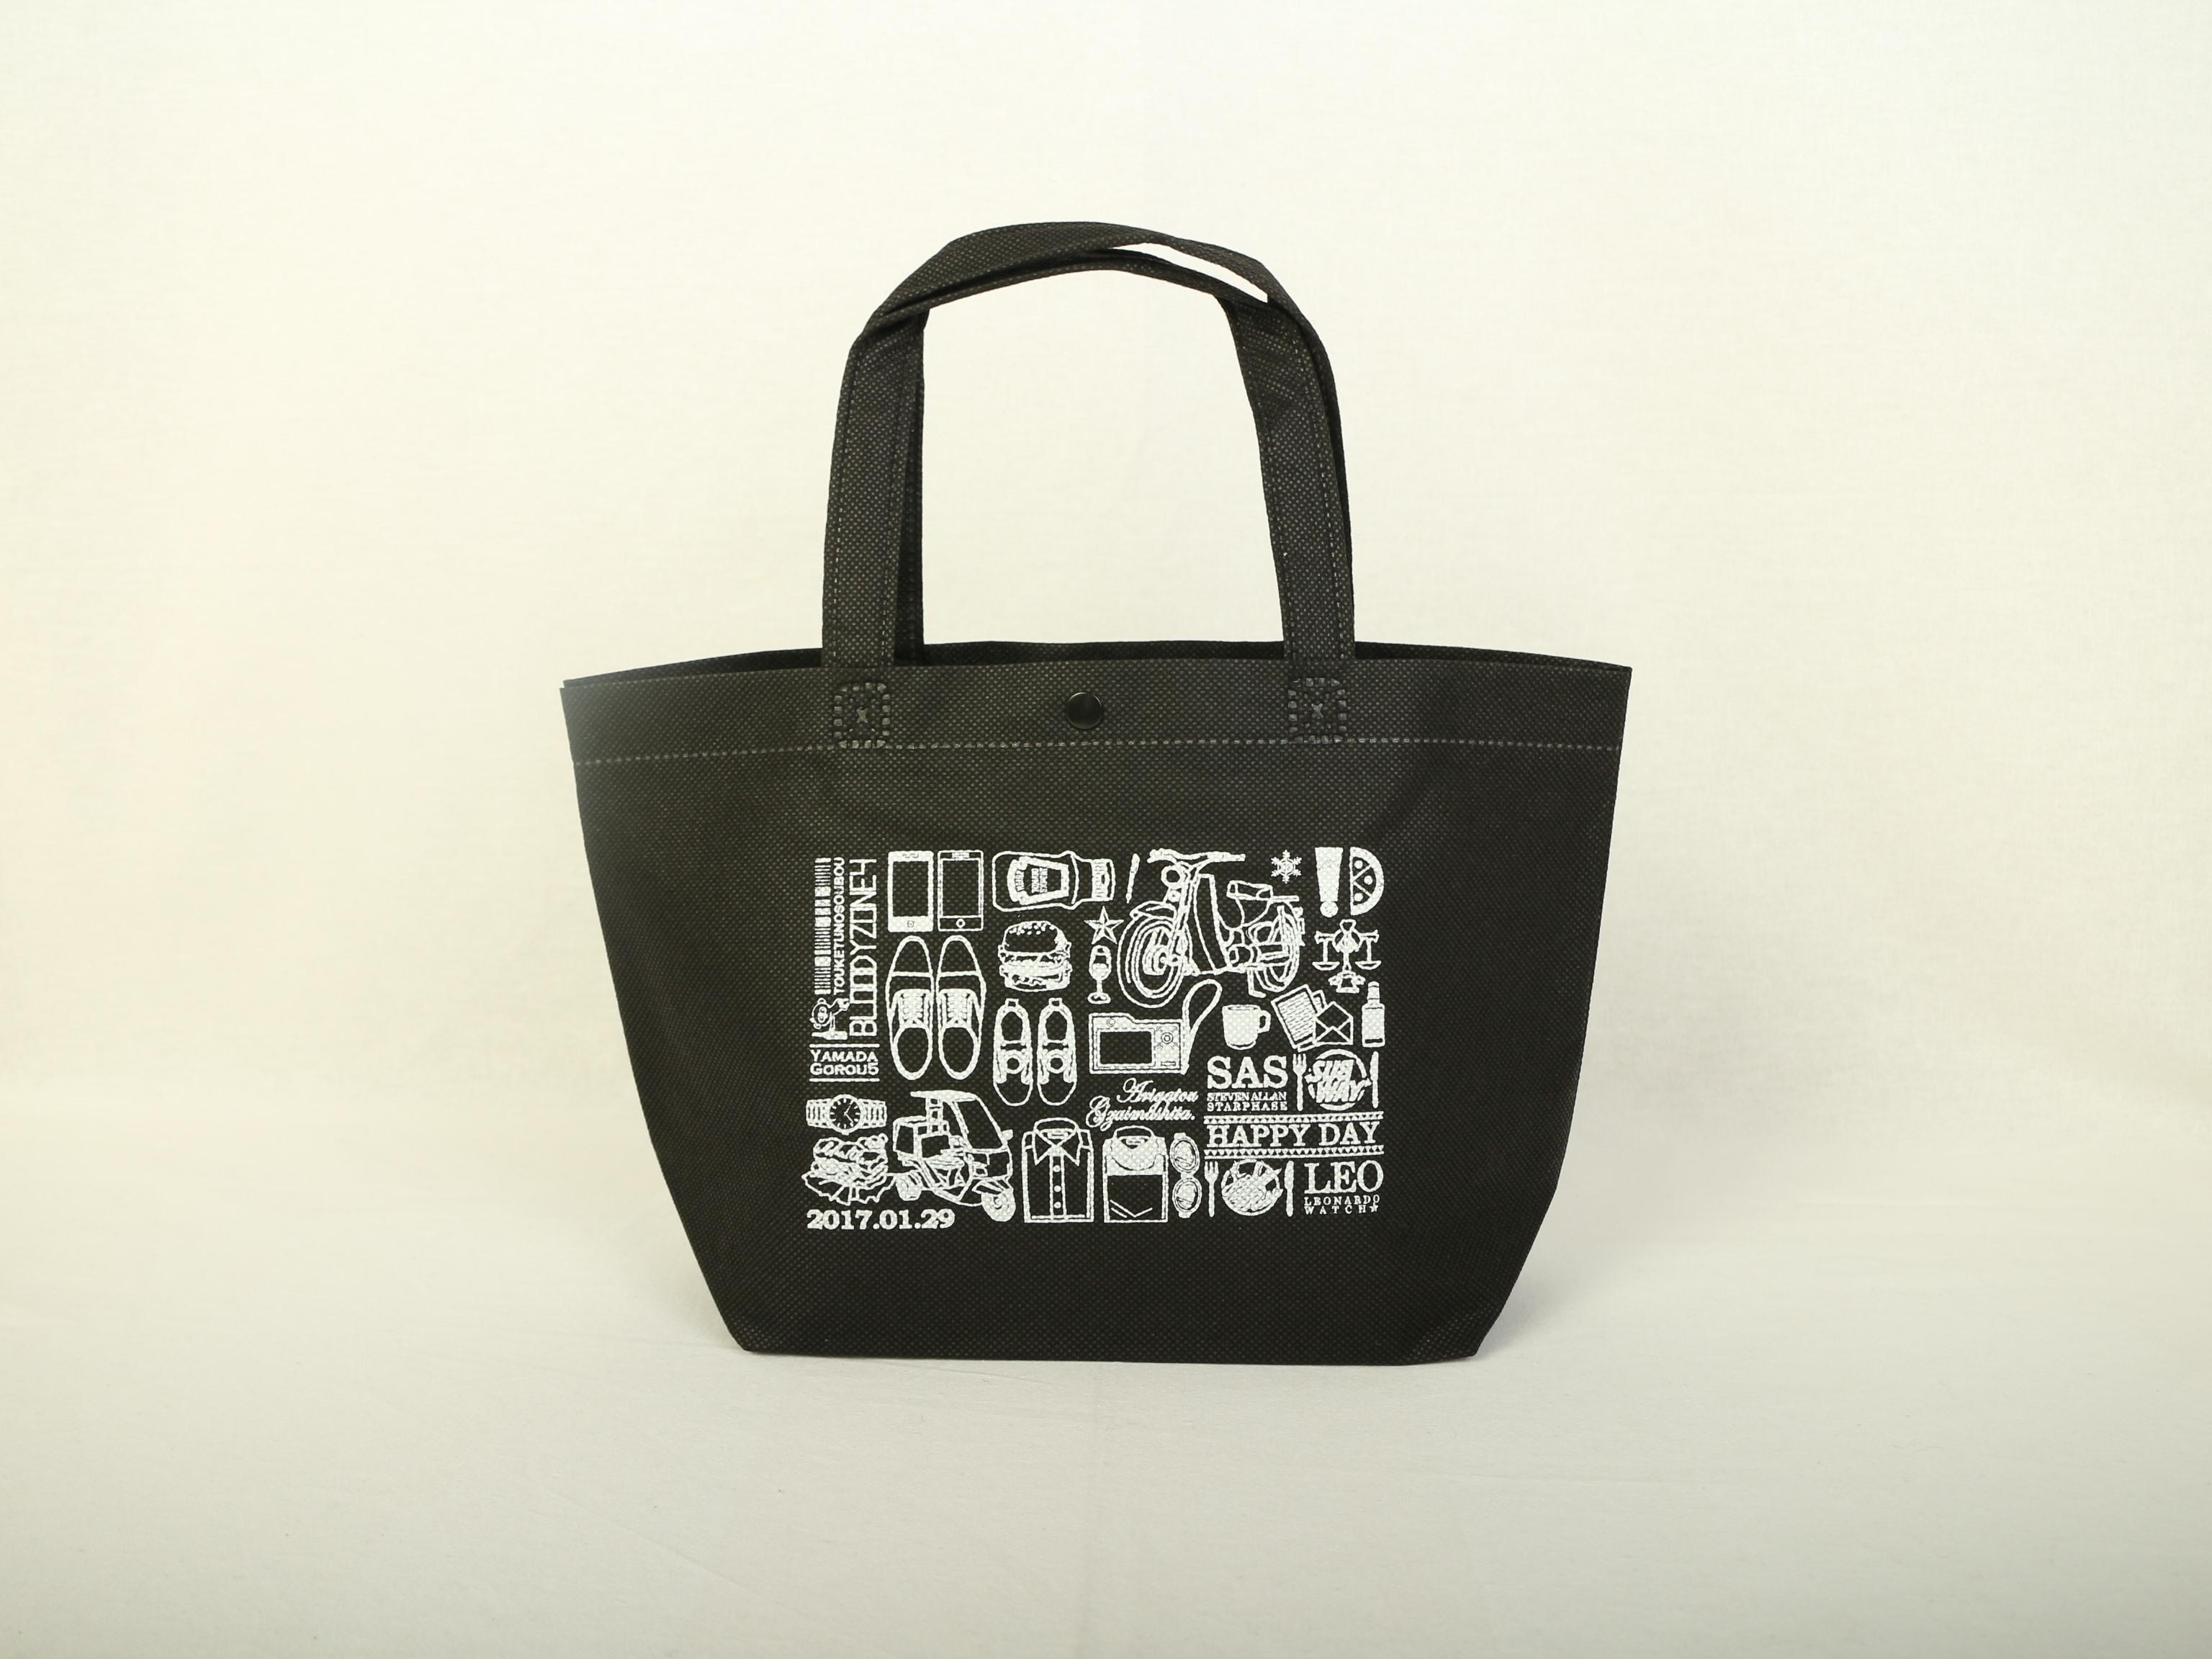 イベント用のオリジナル不織布バッグ